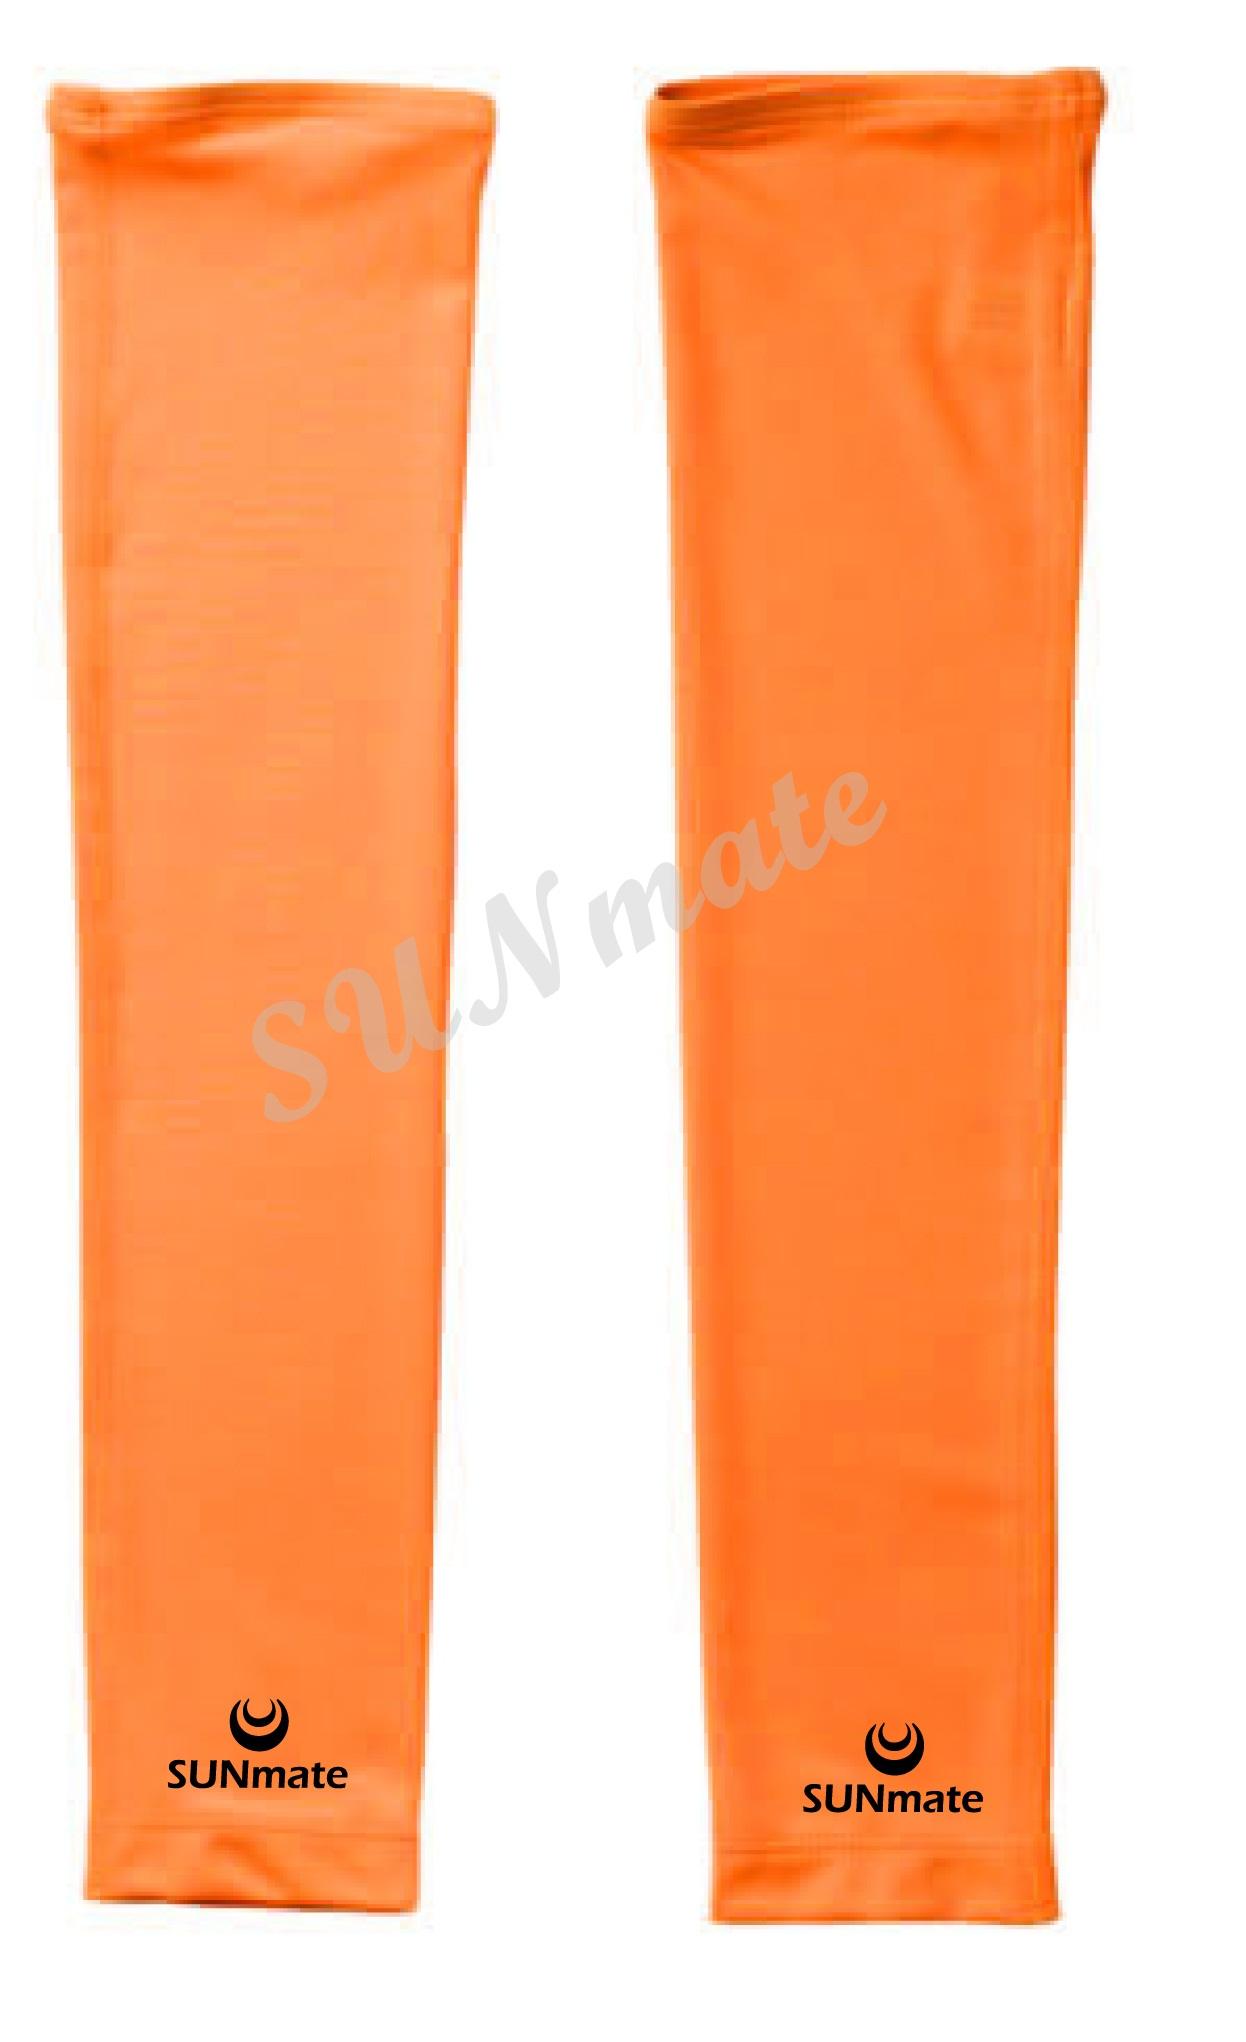 ปลอกแขนกันUV size XXL : Orange modern